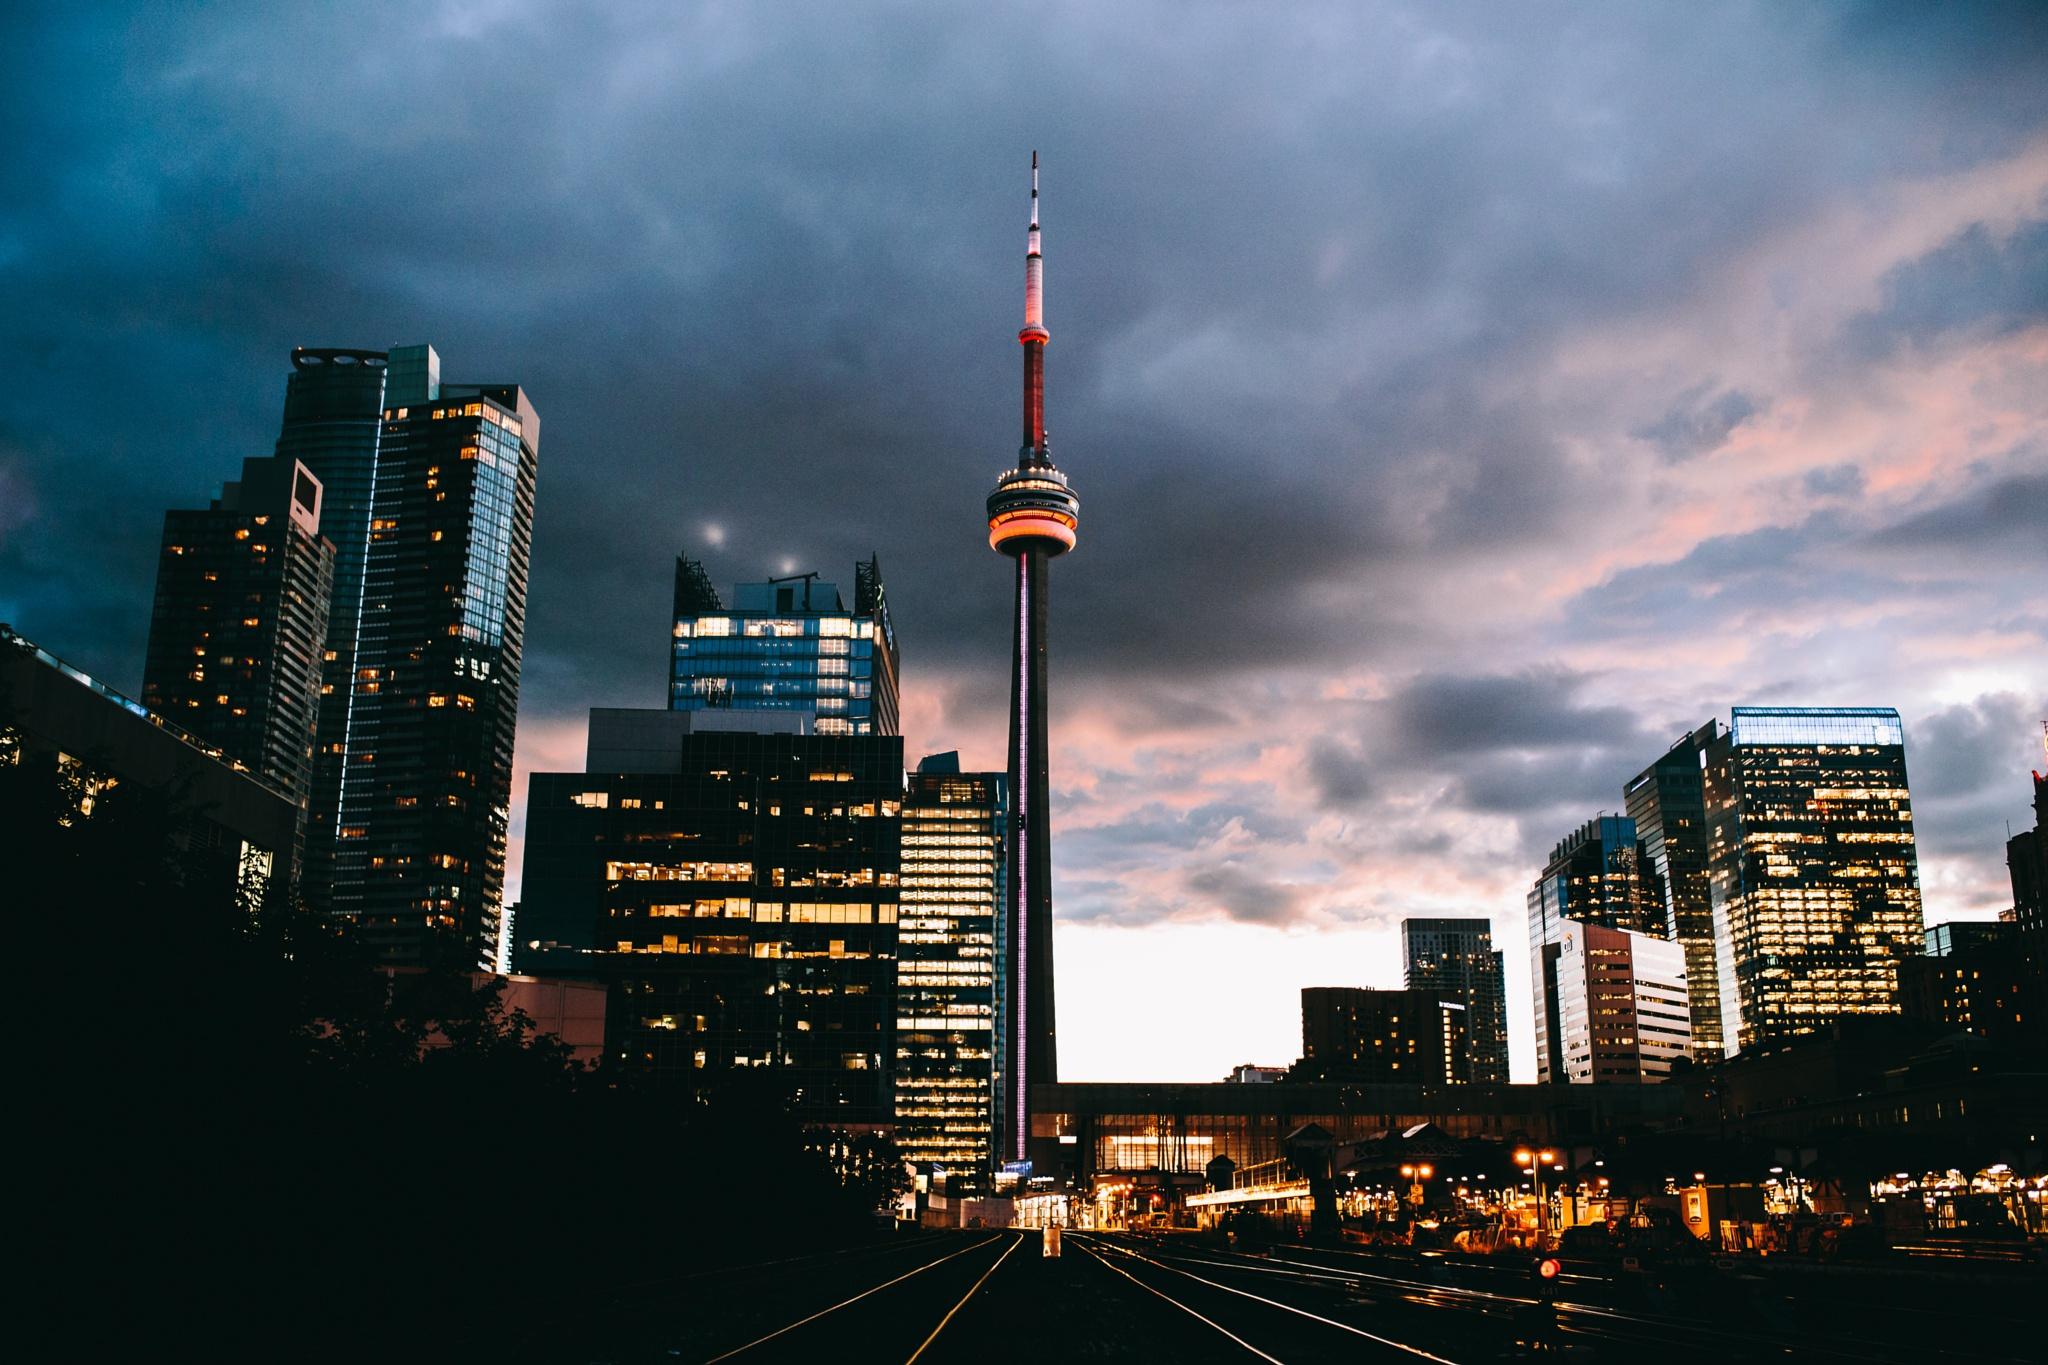 город торонто канада фото элитная мебель